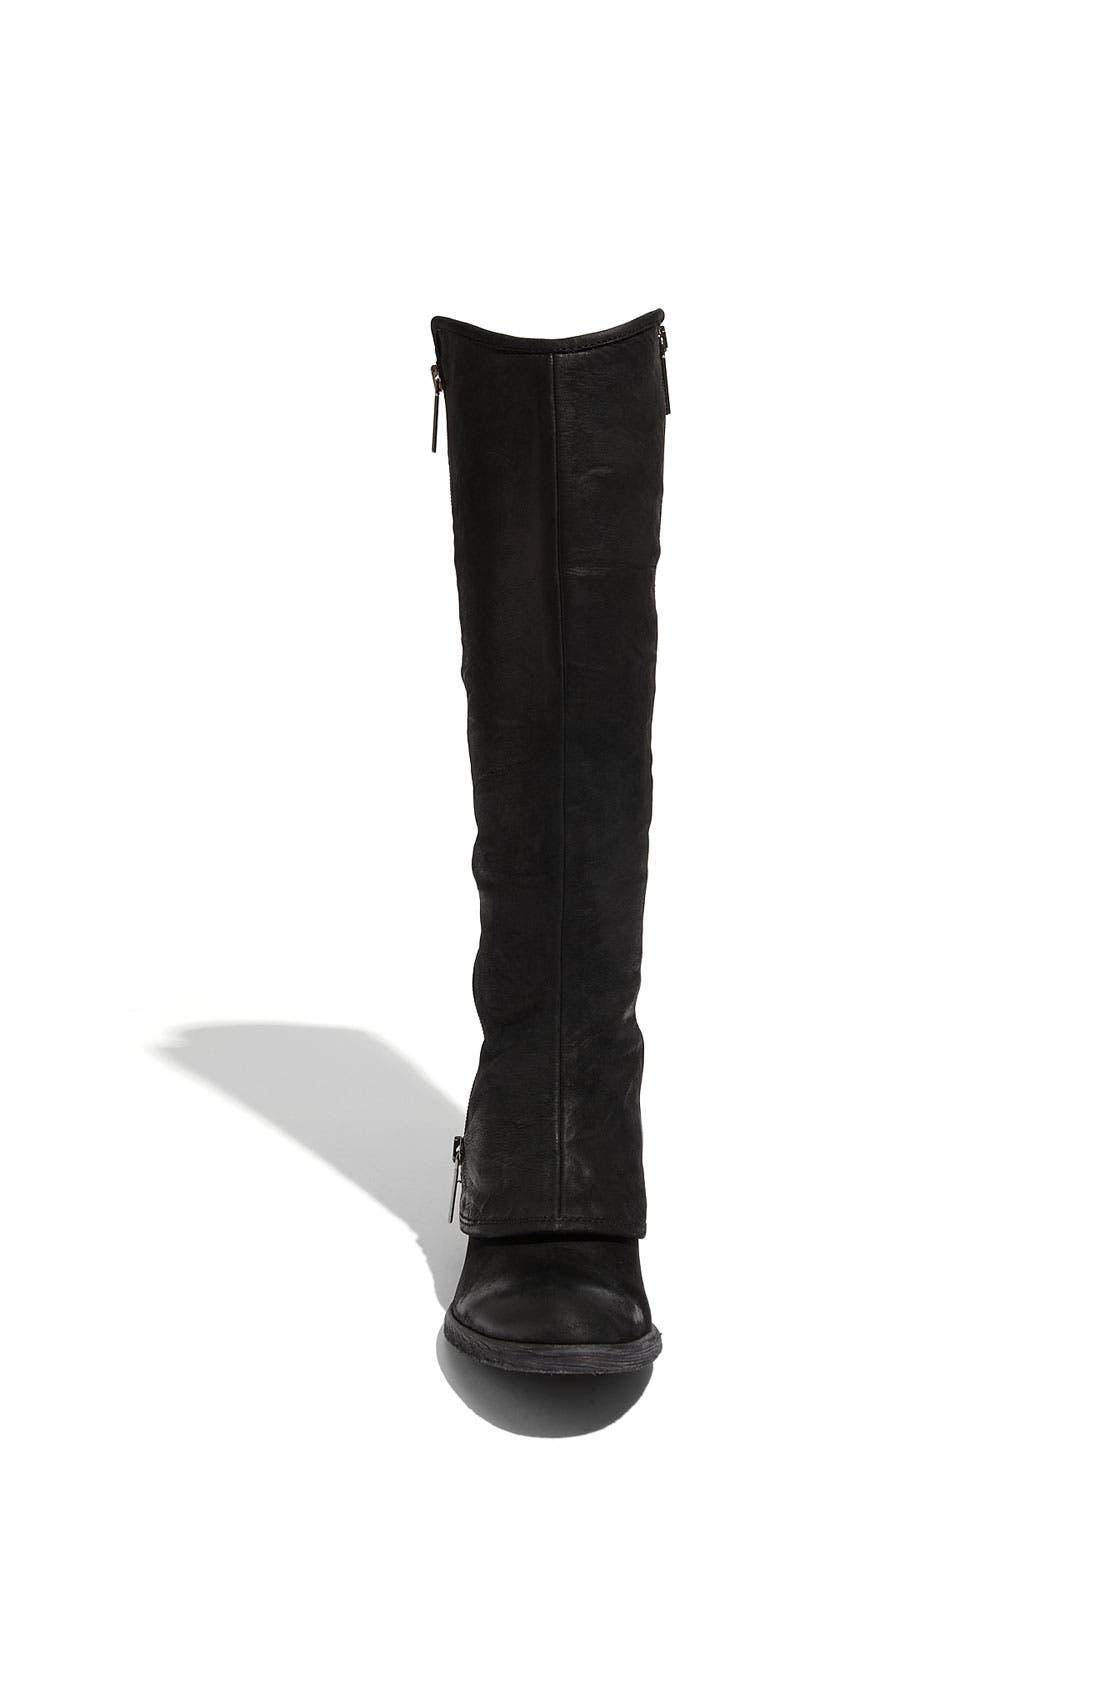 Alternate Image 3  - Donald J Pliner 'Devi' Boot (Women)